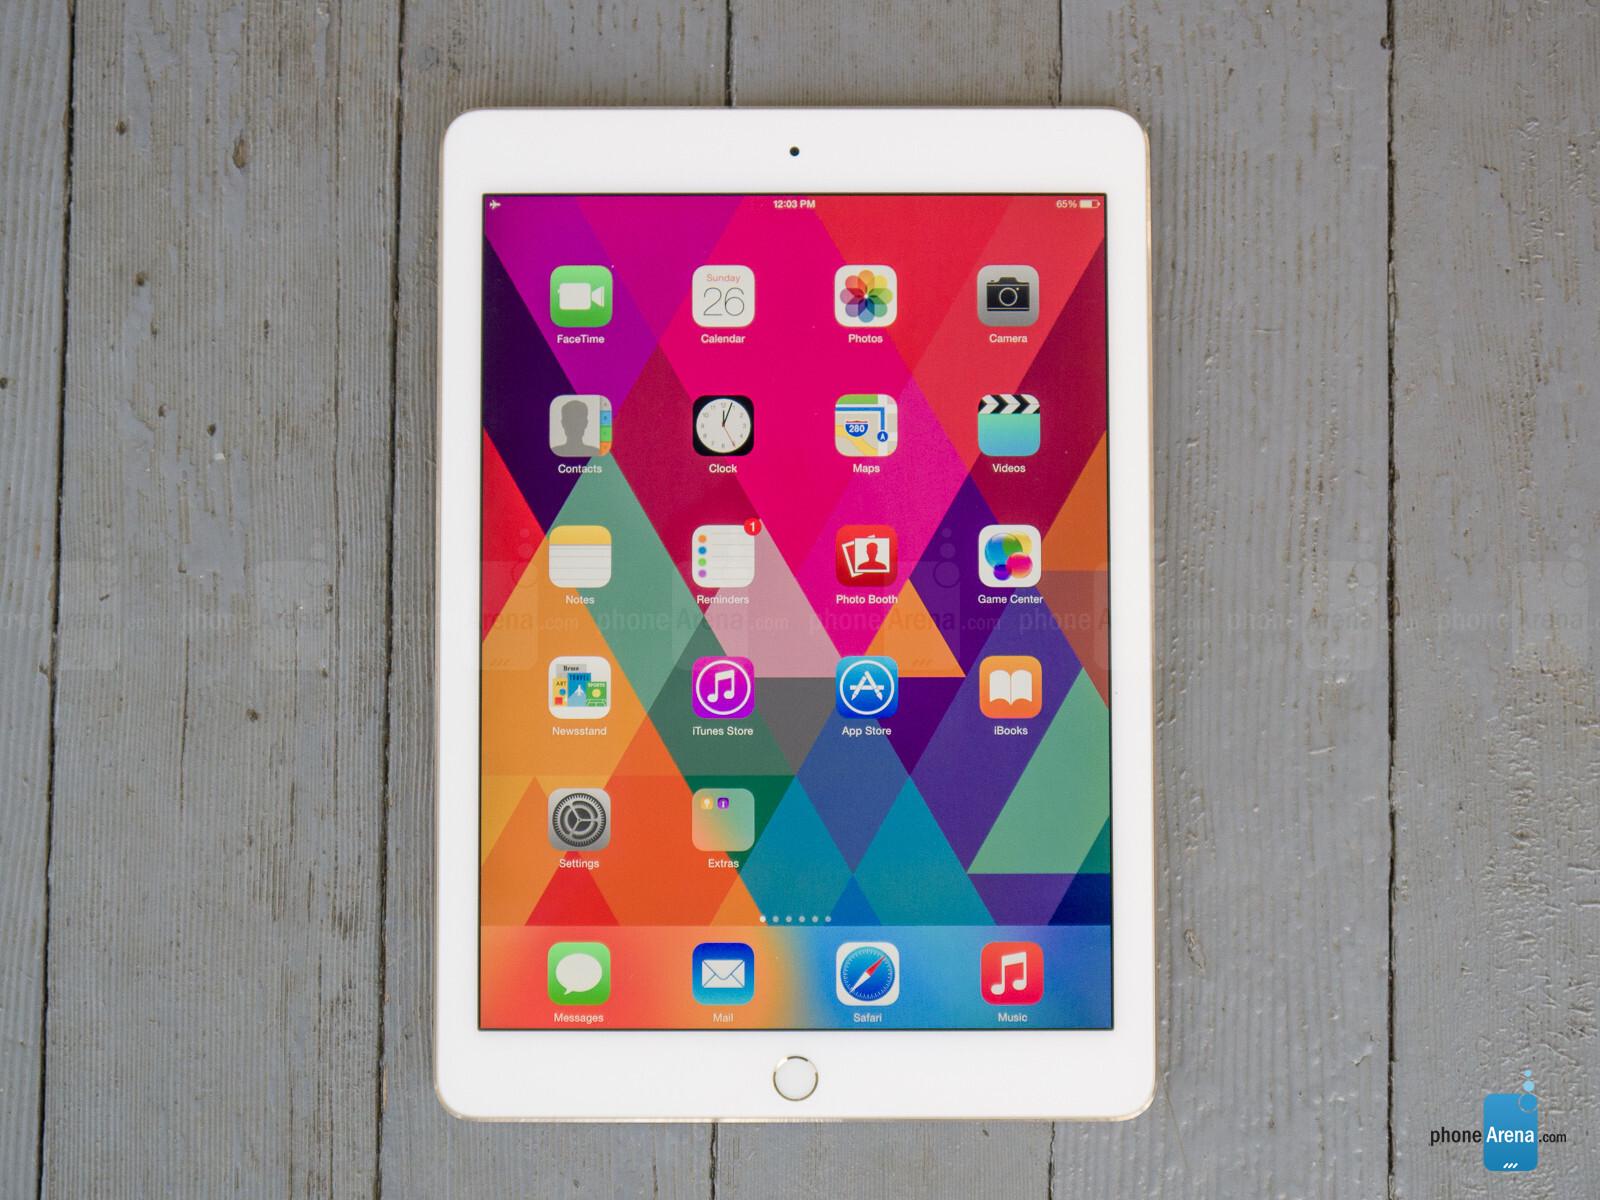 Black friday deals on apple ipad mini